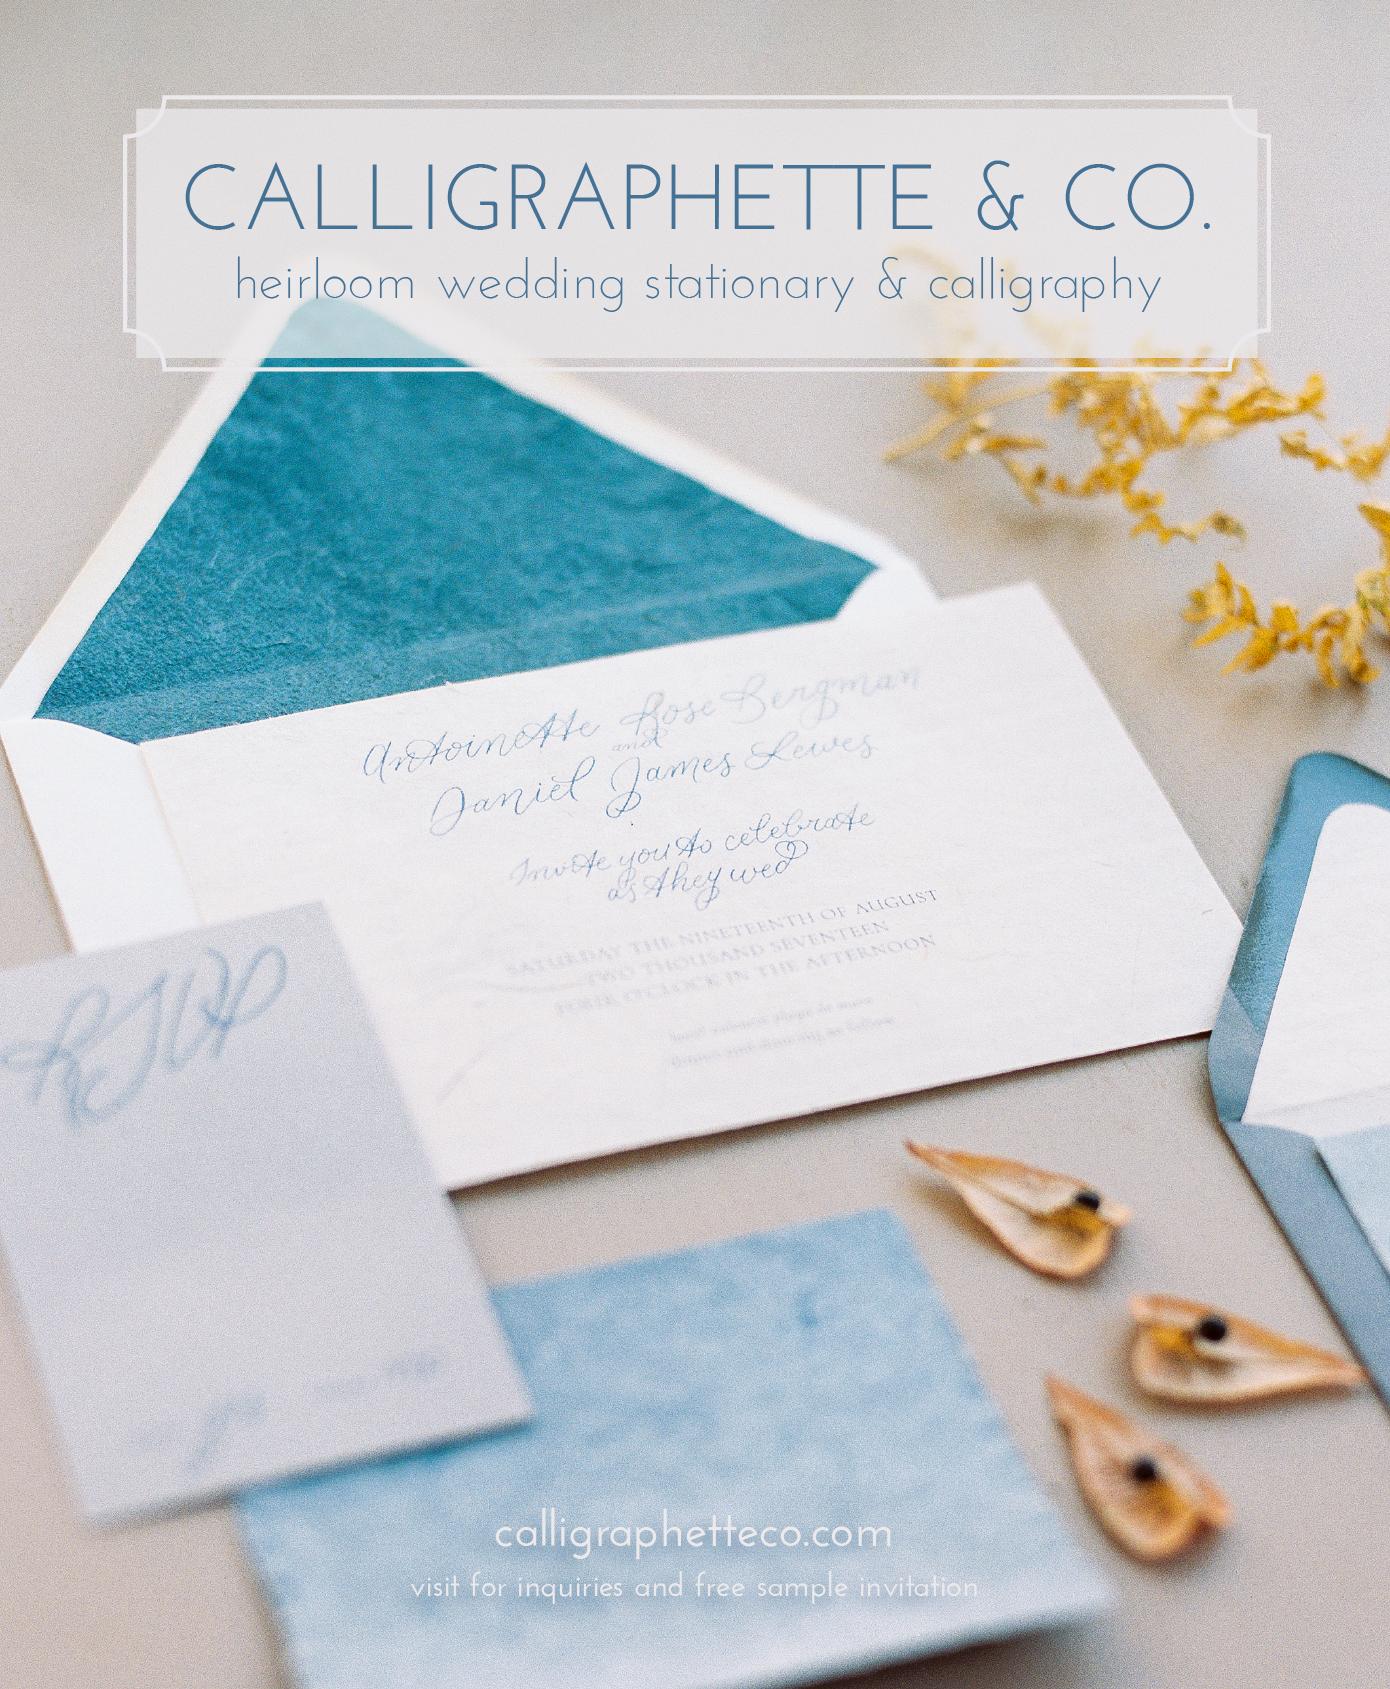 Calligraphette & Co Instragram Ad-10.png